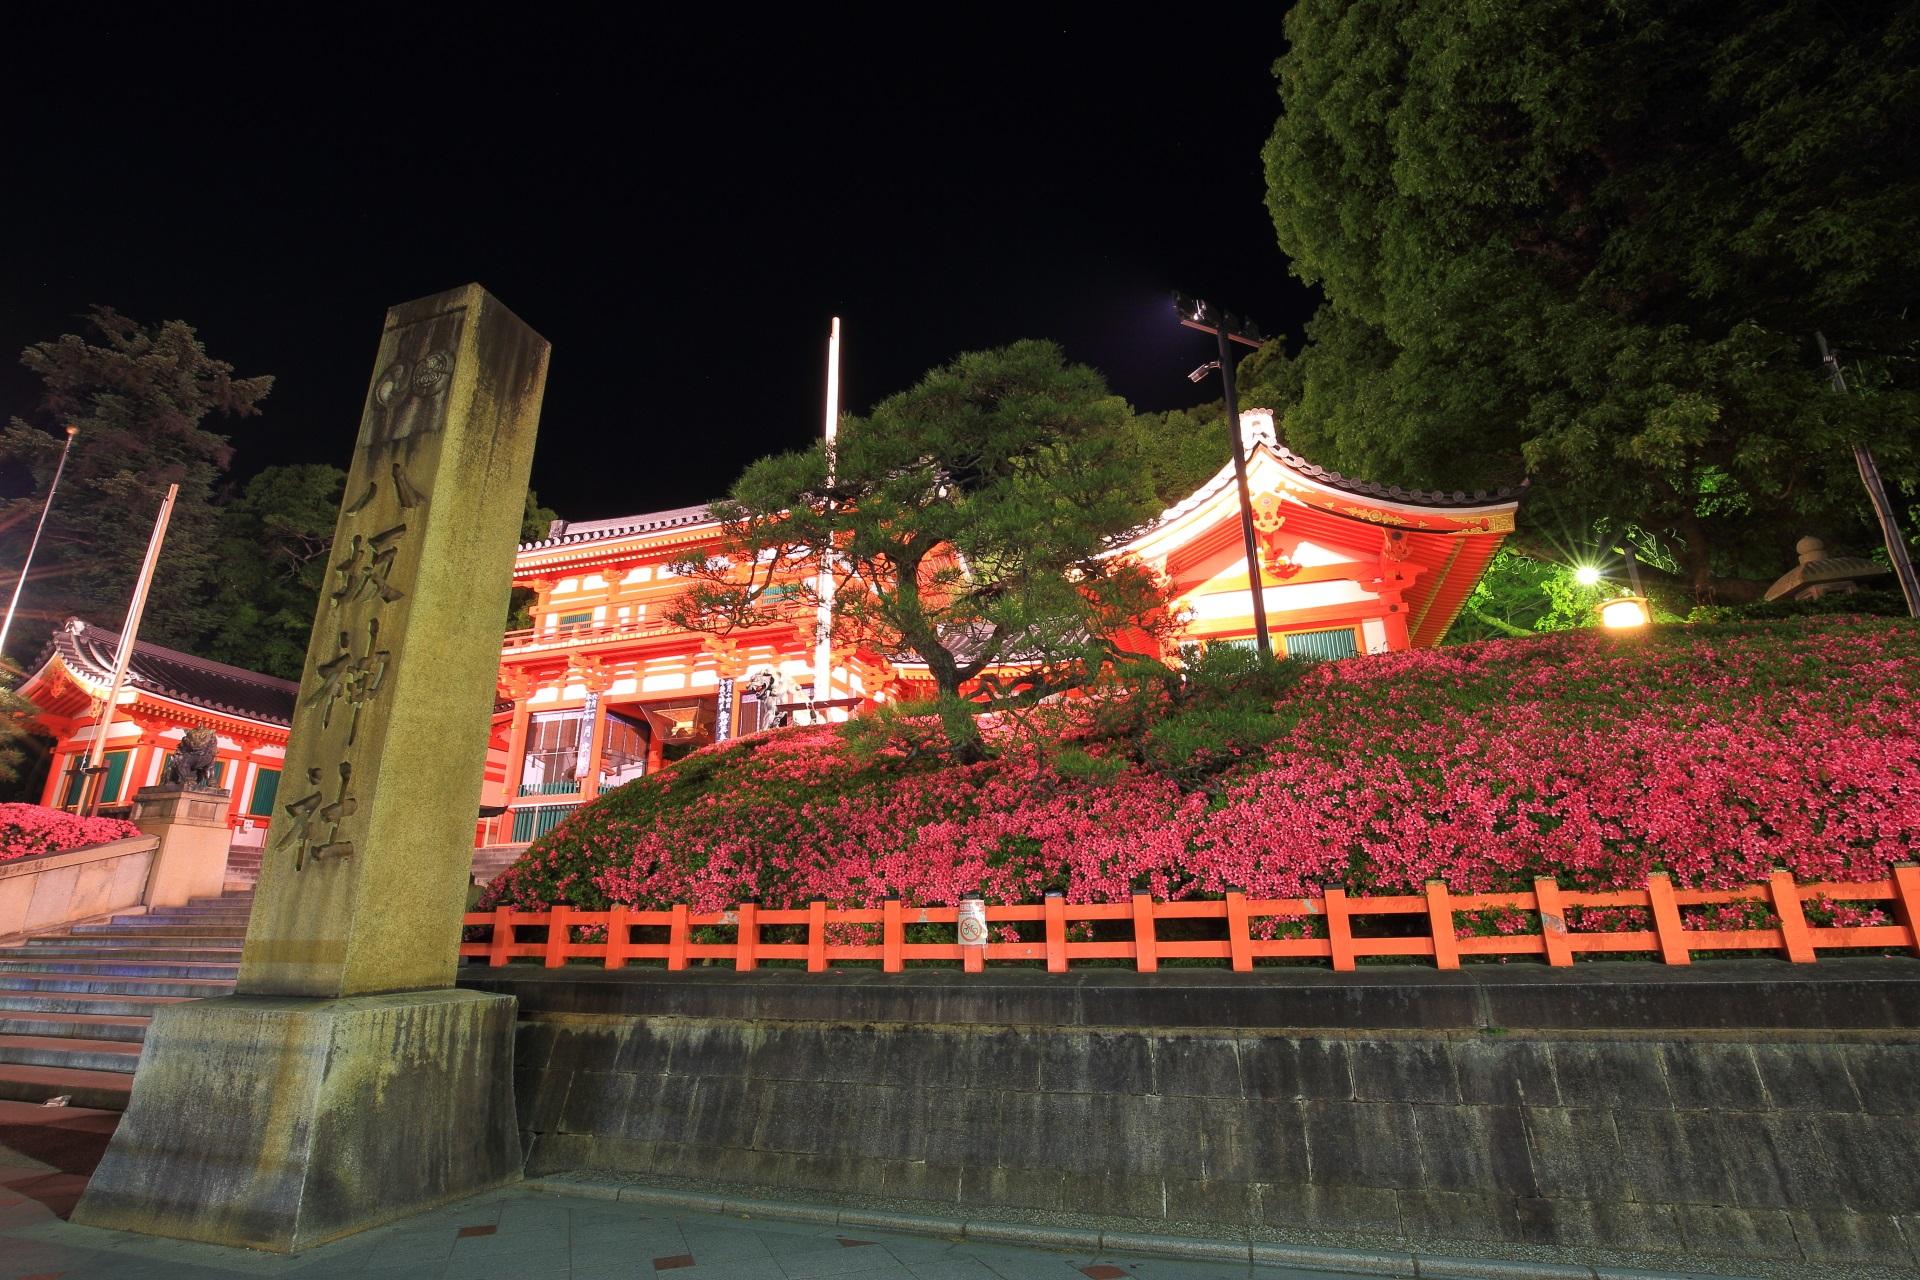 八坂神社の西楼門前のサツキの夜景